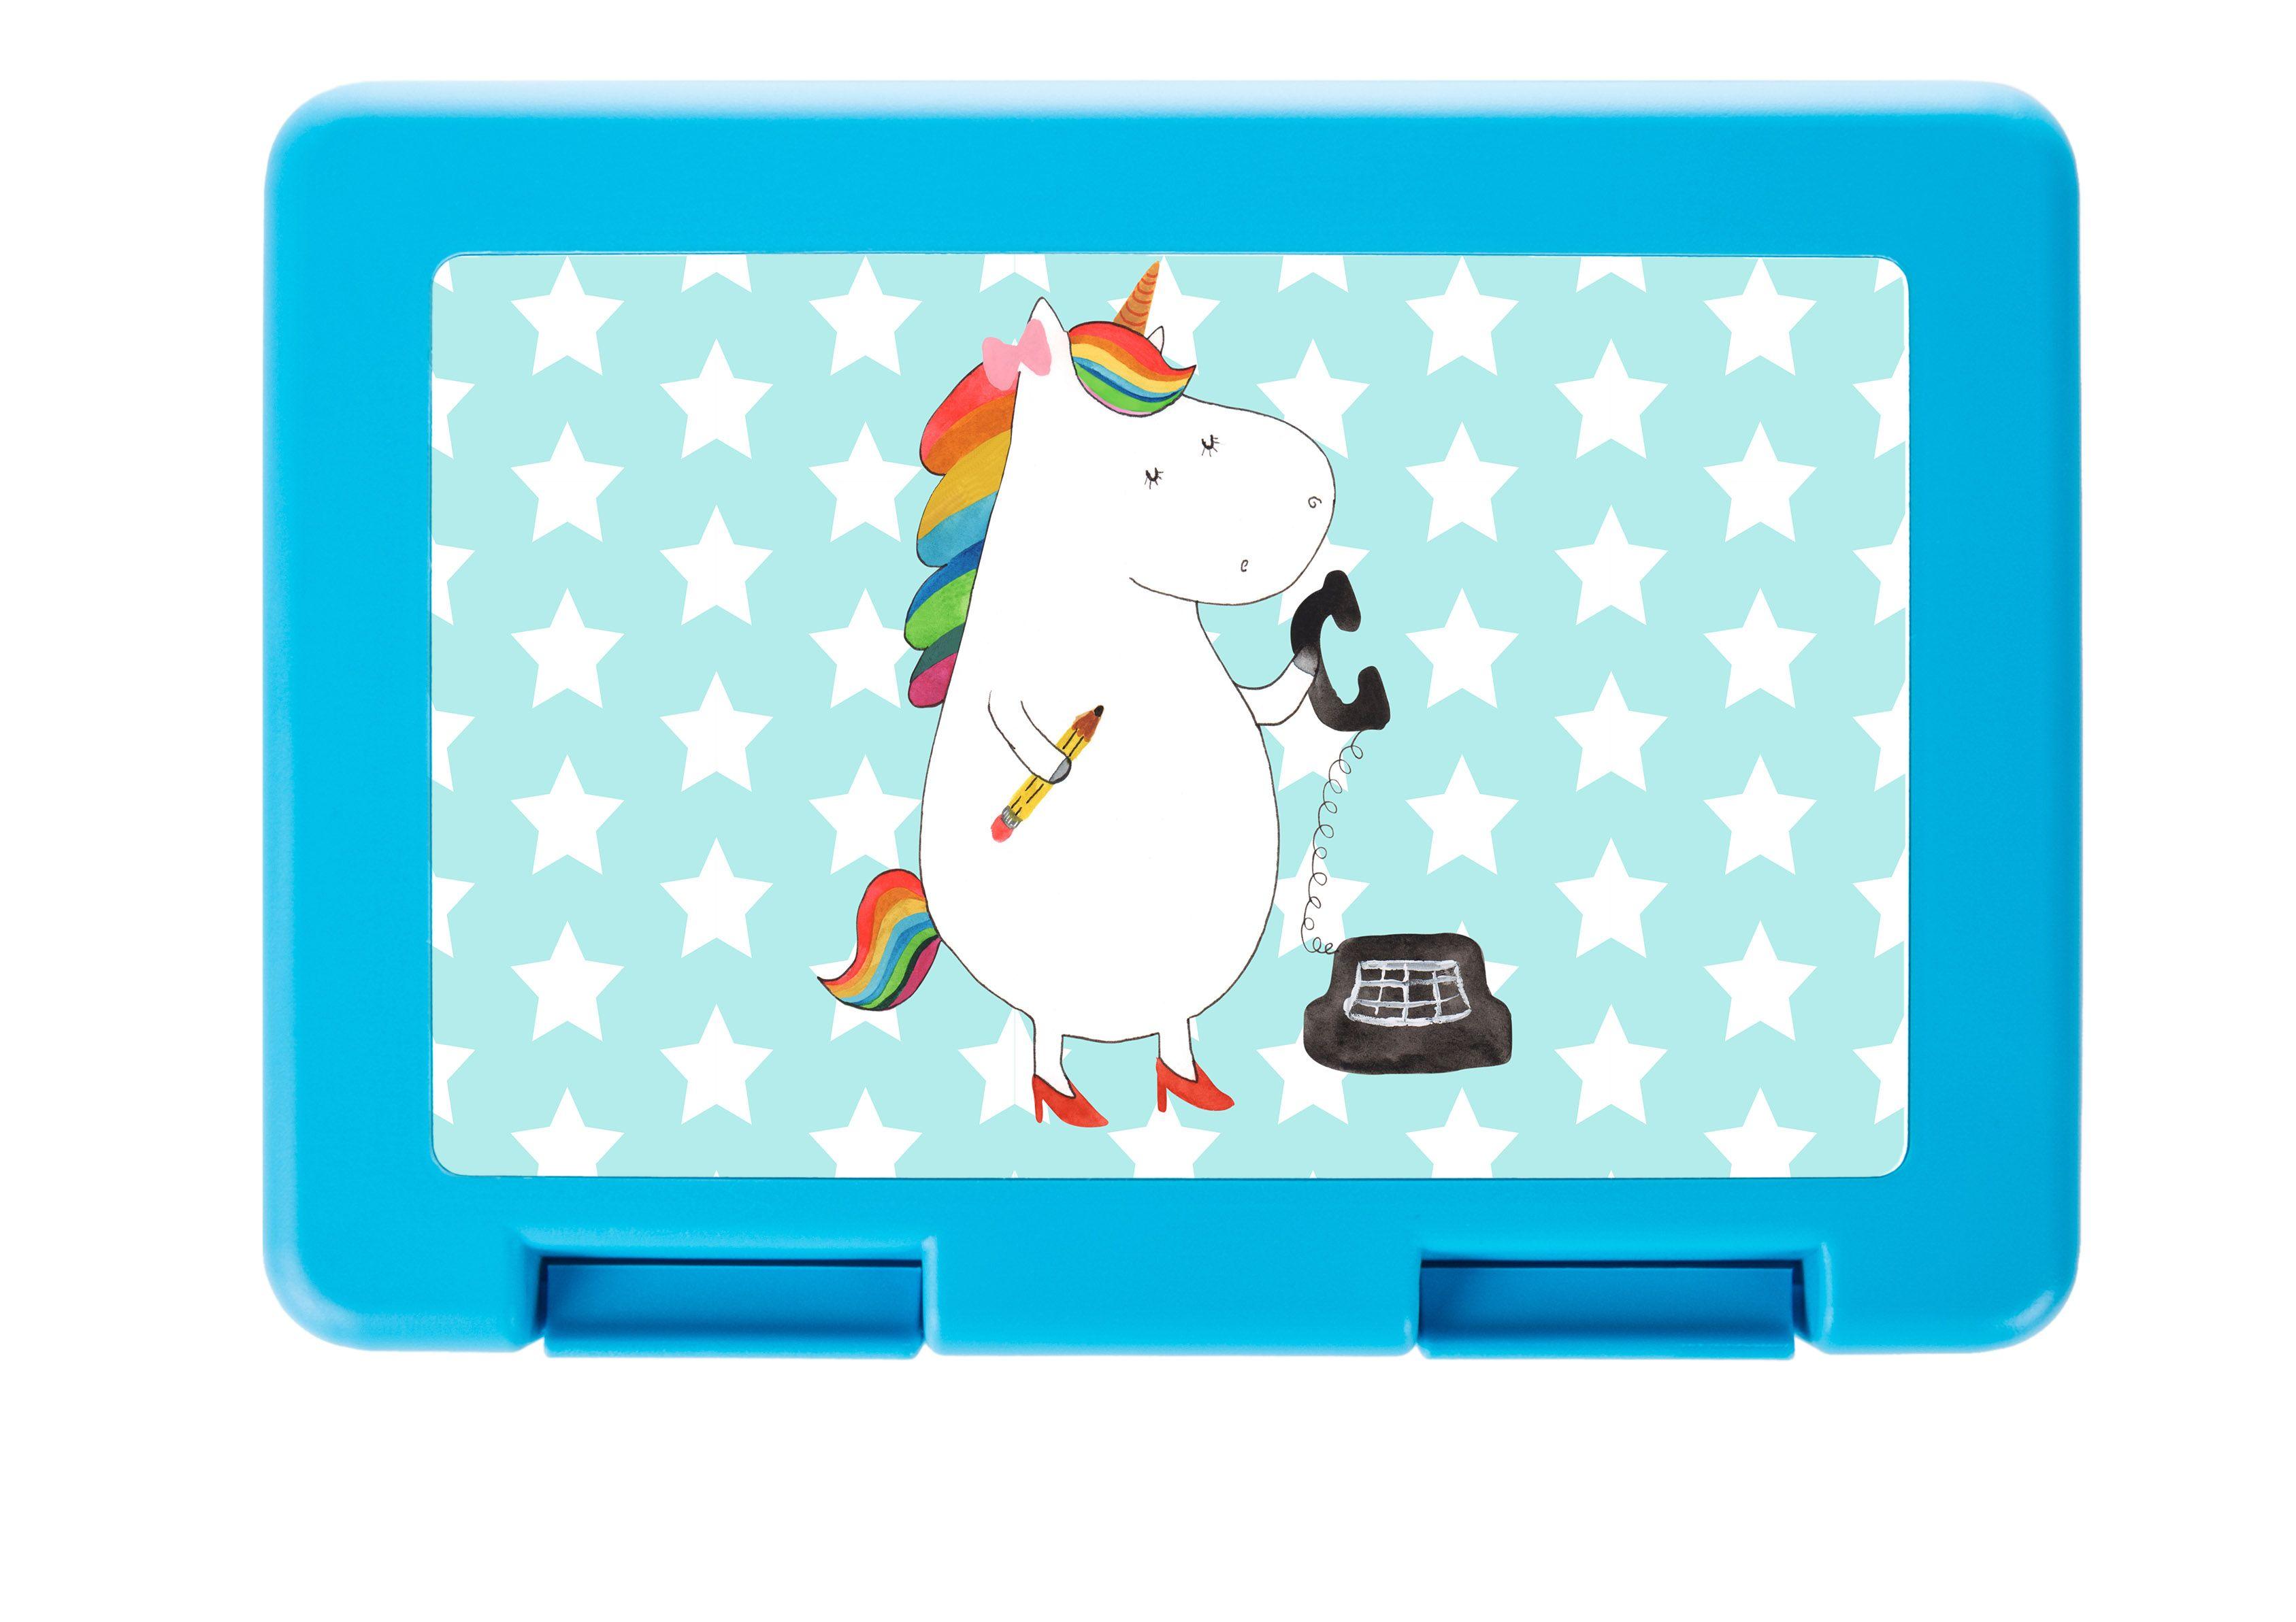 Brotdose Einhorn Sekretärin aus Premium Kunststoff  schwarz - Das Original von Mr. & Mrs. Panda.  Diese wunderschöne Brotdose von Mr. & Mrs. Panda ist wirklich etwas ganz Besonderes - sie ist stabil, sehr hochwertig und mit einer exklusiven und schimmernden bedruckten Aluminiumplatte  ausgestattet.    Über unser Motiv Einhorn Sekretärin  Ein Einhorn Edition ist eine ganz besonders liebevolle und einzigartige Kollektion von Mr. & Mrs. Panda. Wie immer bei unseren Produkten sind alle Motive…